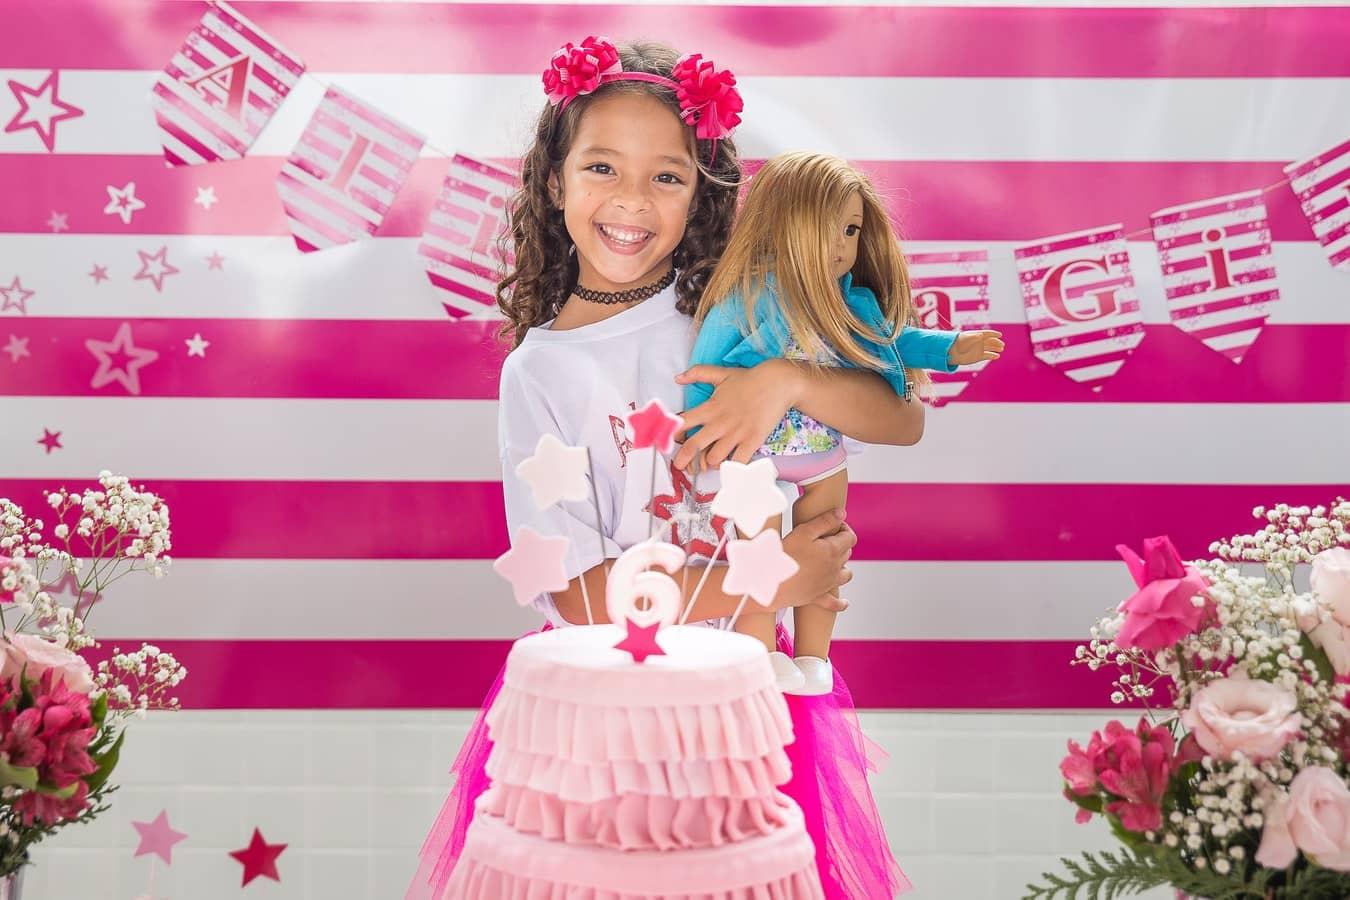 Djevojčica slavi 6 rođendan, ideje za poklone